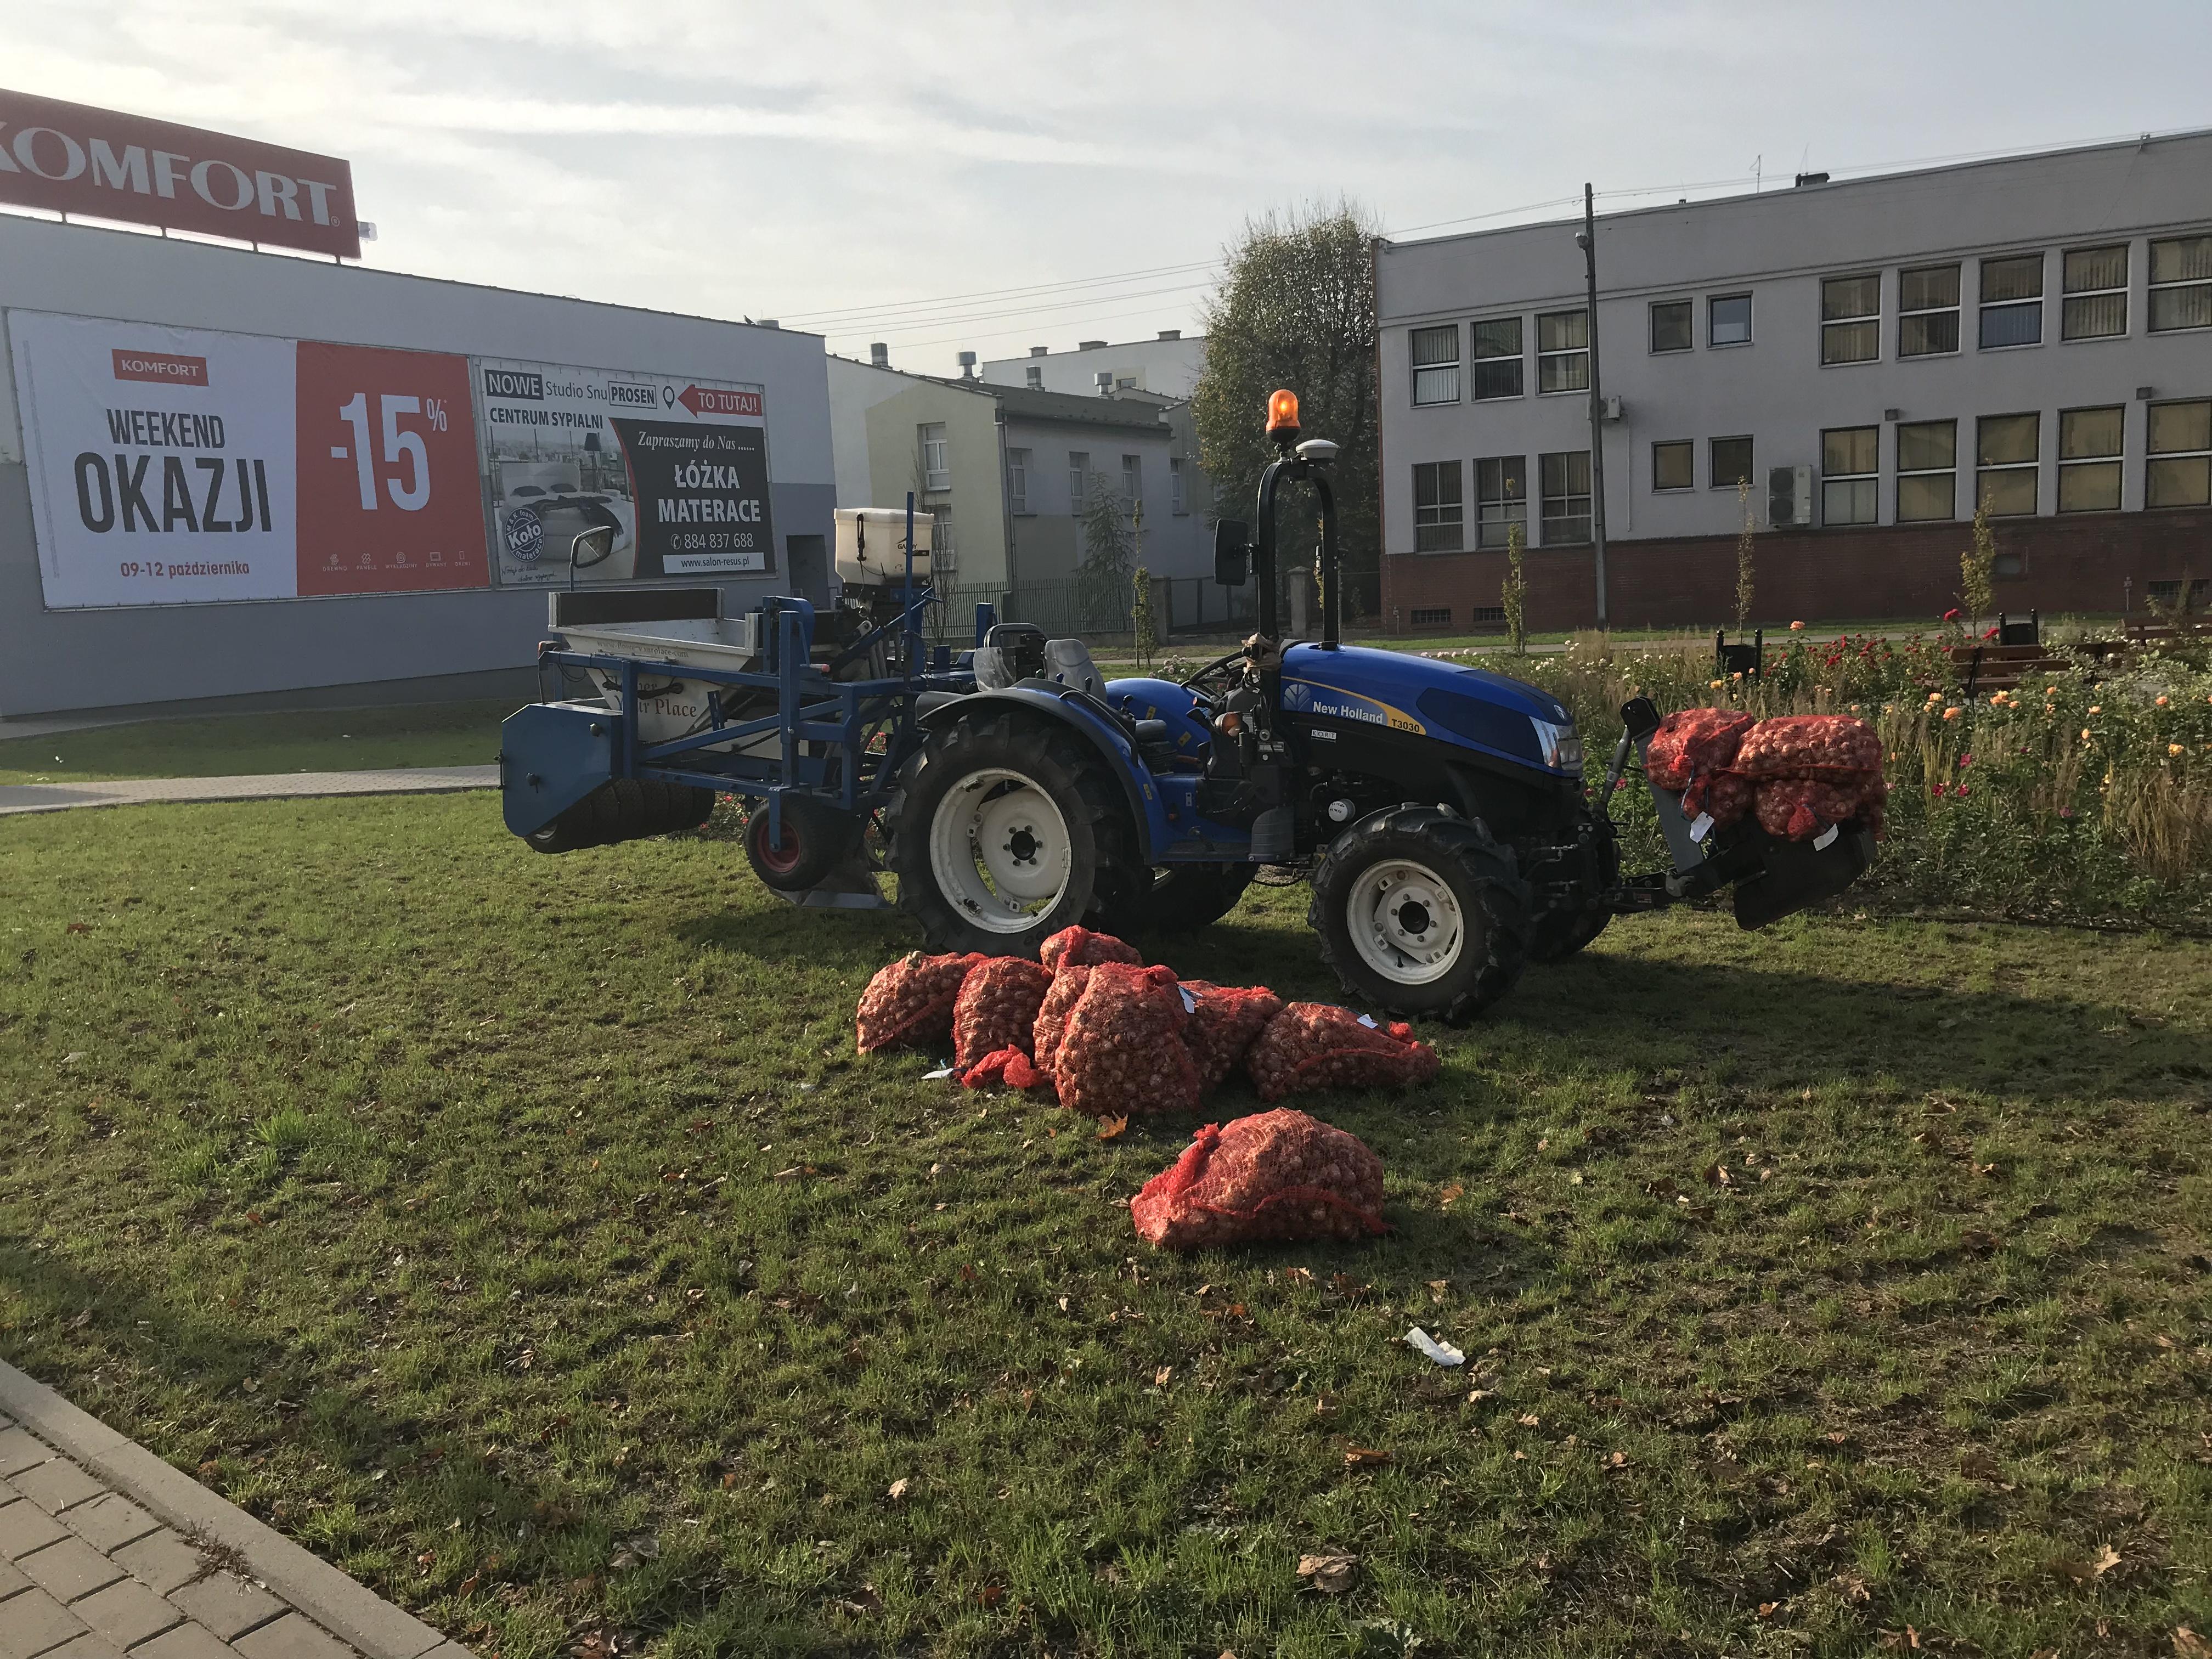 Jesienią prawie 5000 cebul narcyzów posadzono mechanicznie na rabacie przy ul. Jasnej